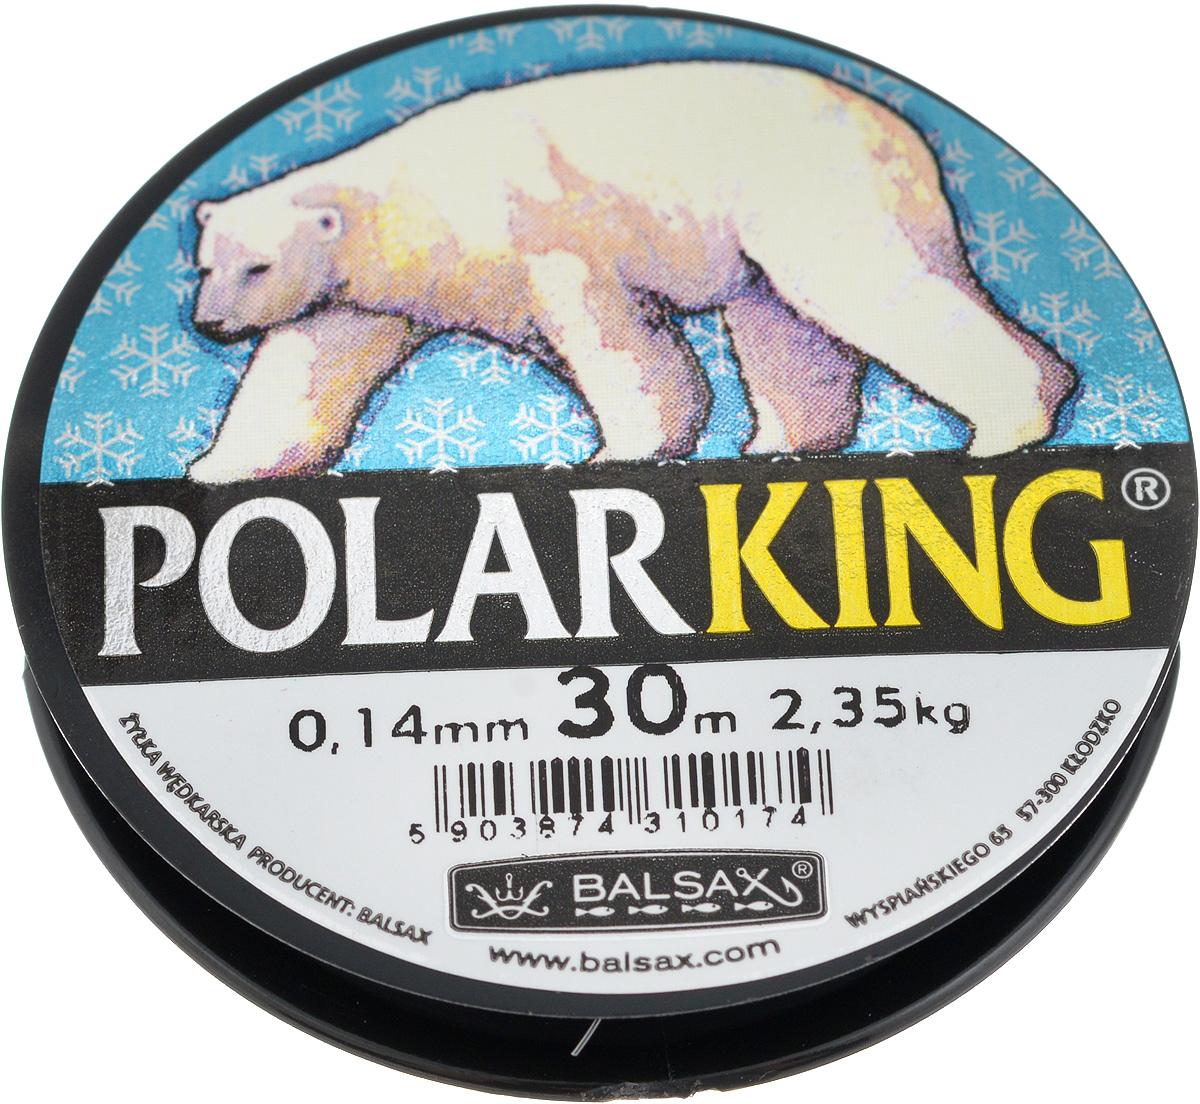 Леска зимняя Balsax Polar King, 30 м, 0,14 мм, 2,35 кг310-13014Леска Balsax Polar King изготовлена из 100% нейлона и очень хорошо выдерживаетнизкие температуры. Даже в самом холодном климате, при температуре вплотьдо -40°C, она сохраняет свои свойствапрактически без изменений, в то время как традиционные лески становятся менееэластичными и теряют прочность. Поверхность лески обработана таким образом, что она не обмерзает и отличноподходит для подледного лова. Прочна вместах вязки узлов даже при минимальном диаметре.